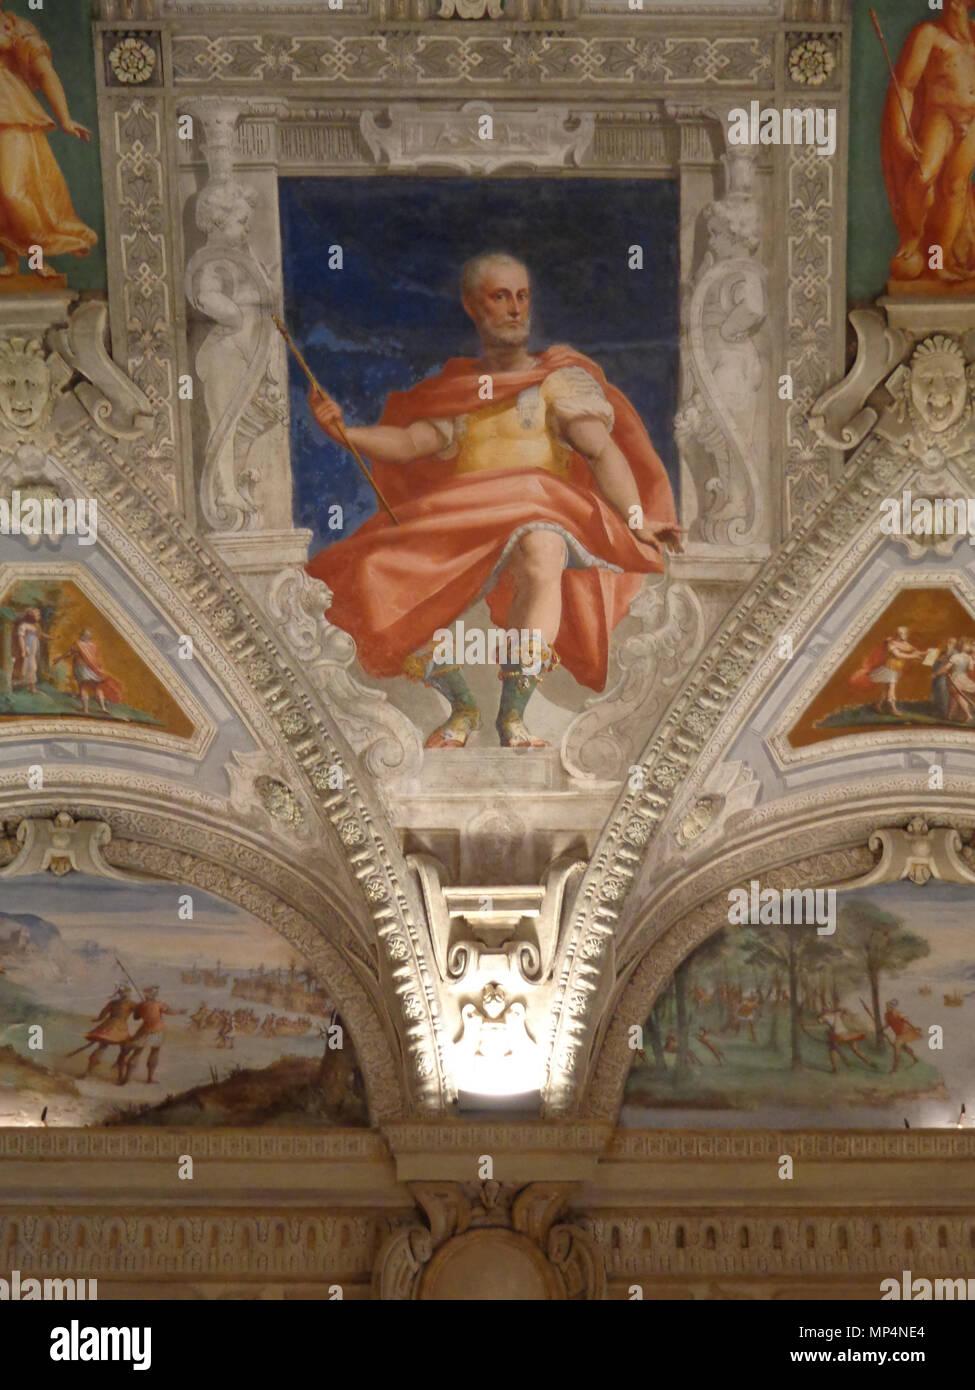 Figura    .   955 Palazzo della Meridiana Salone Cambiaso Figura 3a Stock Photo